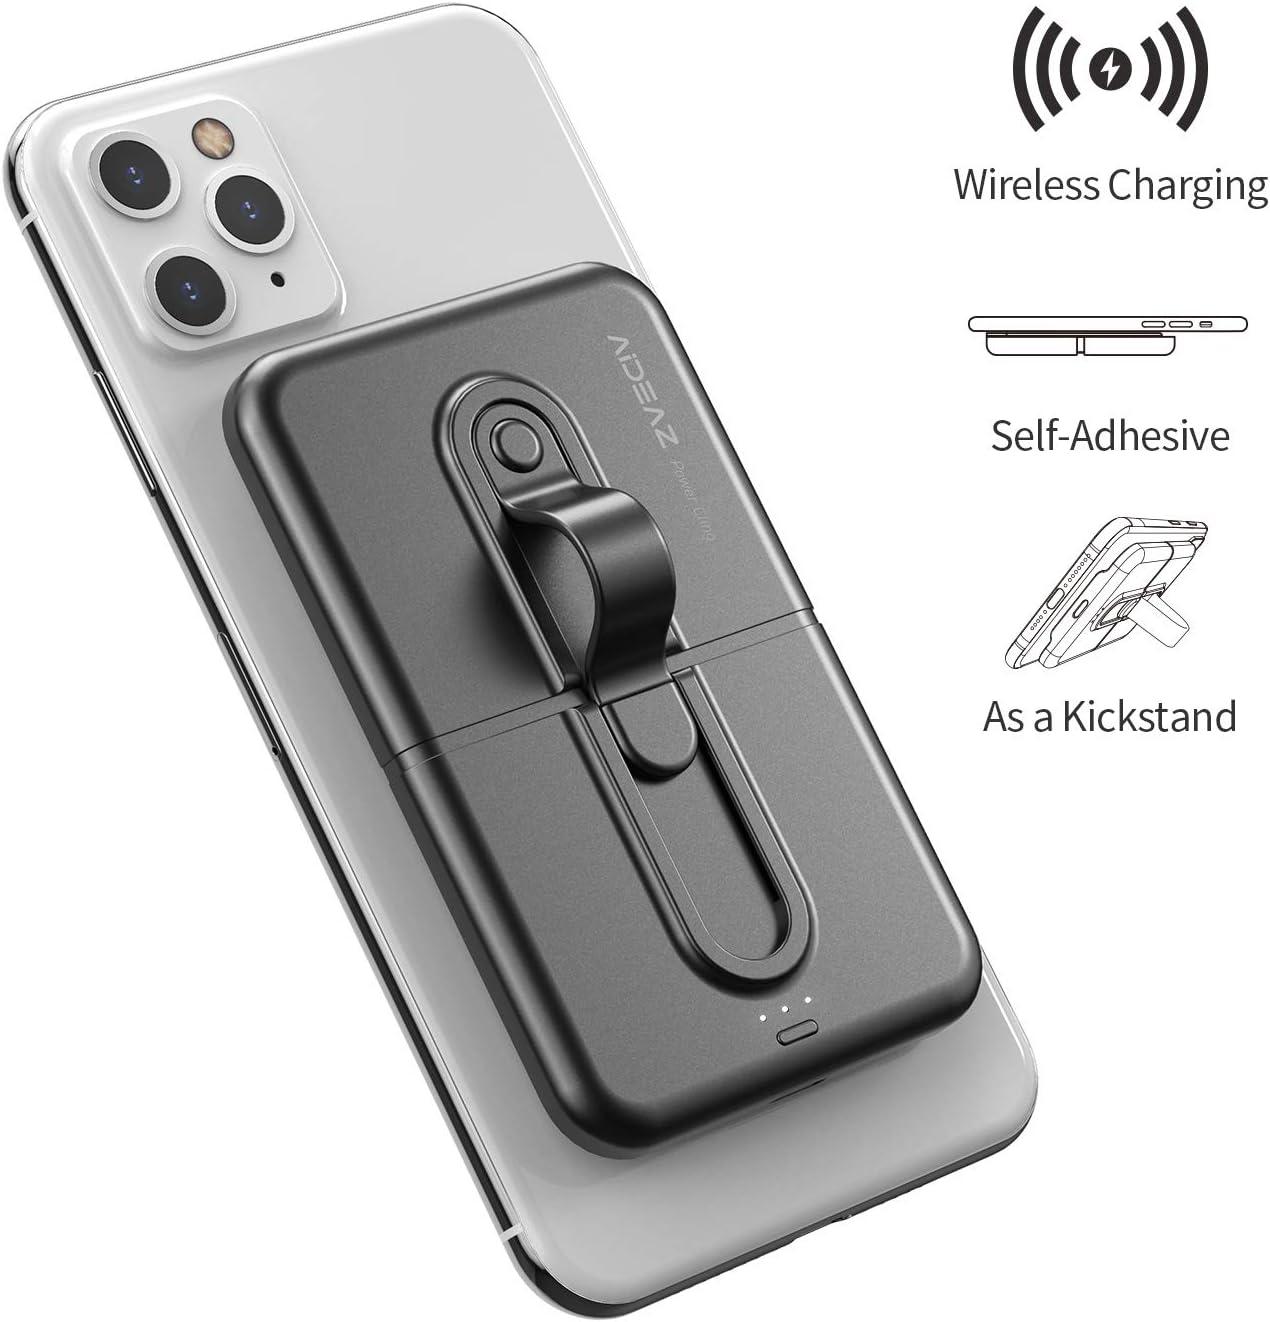 AIDEAZ Powerbank Mini 5000mAh Inalámbrico Batería Externa para Movil, con Soporte para Teléfono Cargador de Batería, Compatible con iPhone 8/8 Plus/X/XS Max/XR/11 Pro, Samsung S9/S9+/S10/S10+ y Más: Amazon.es: Electrónica